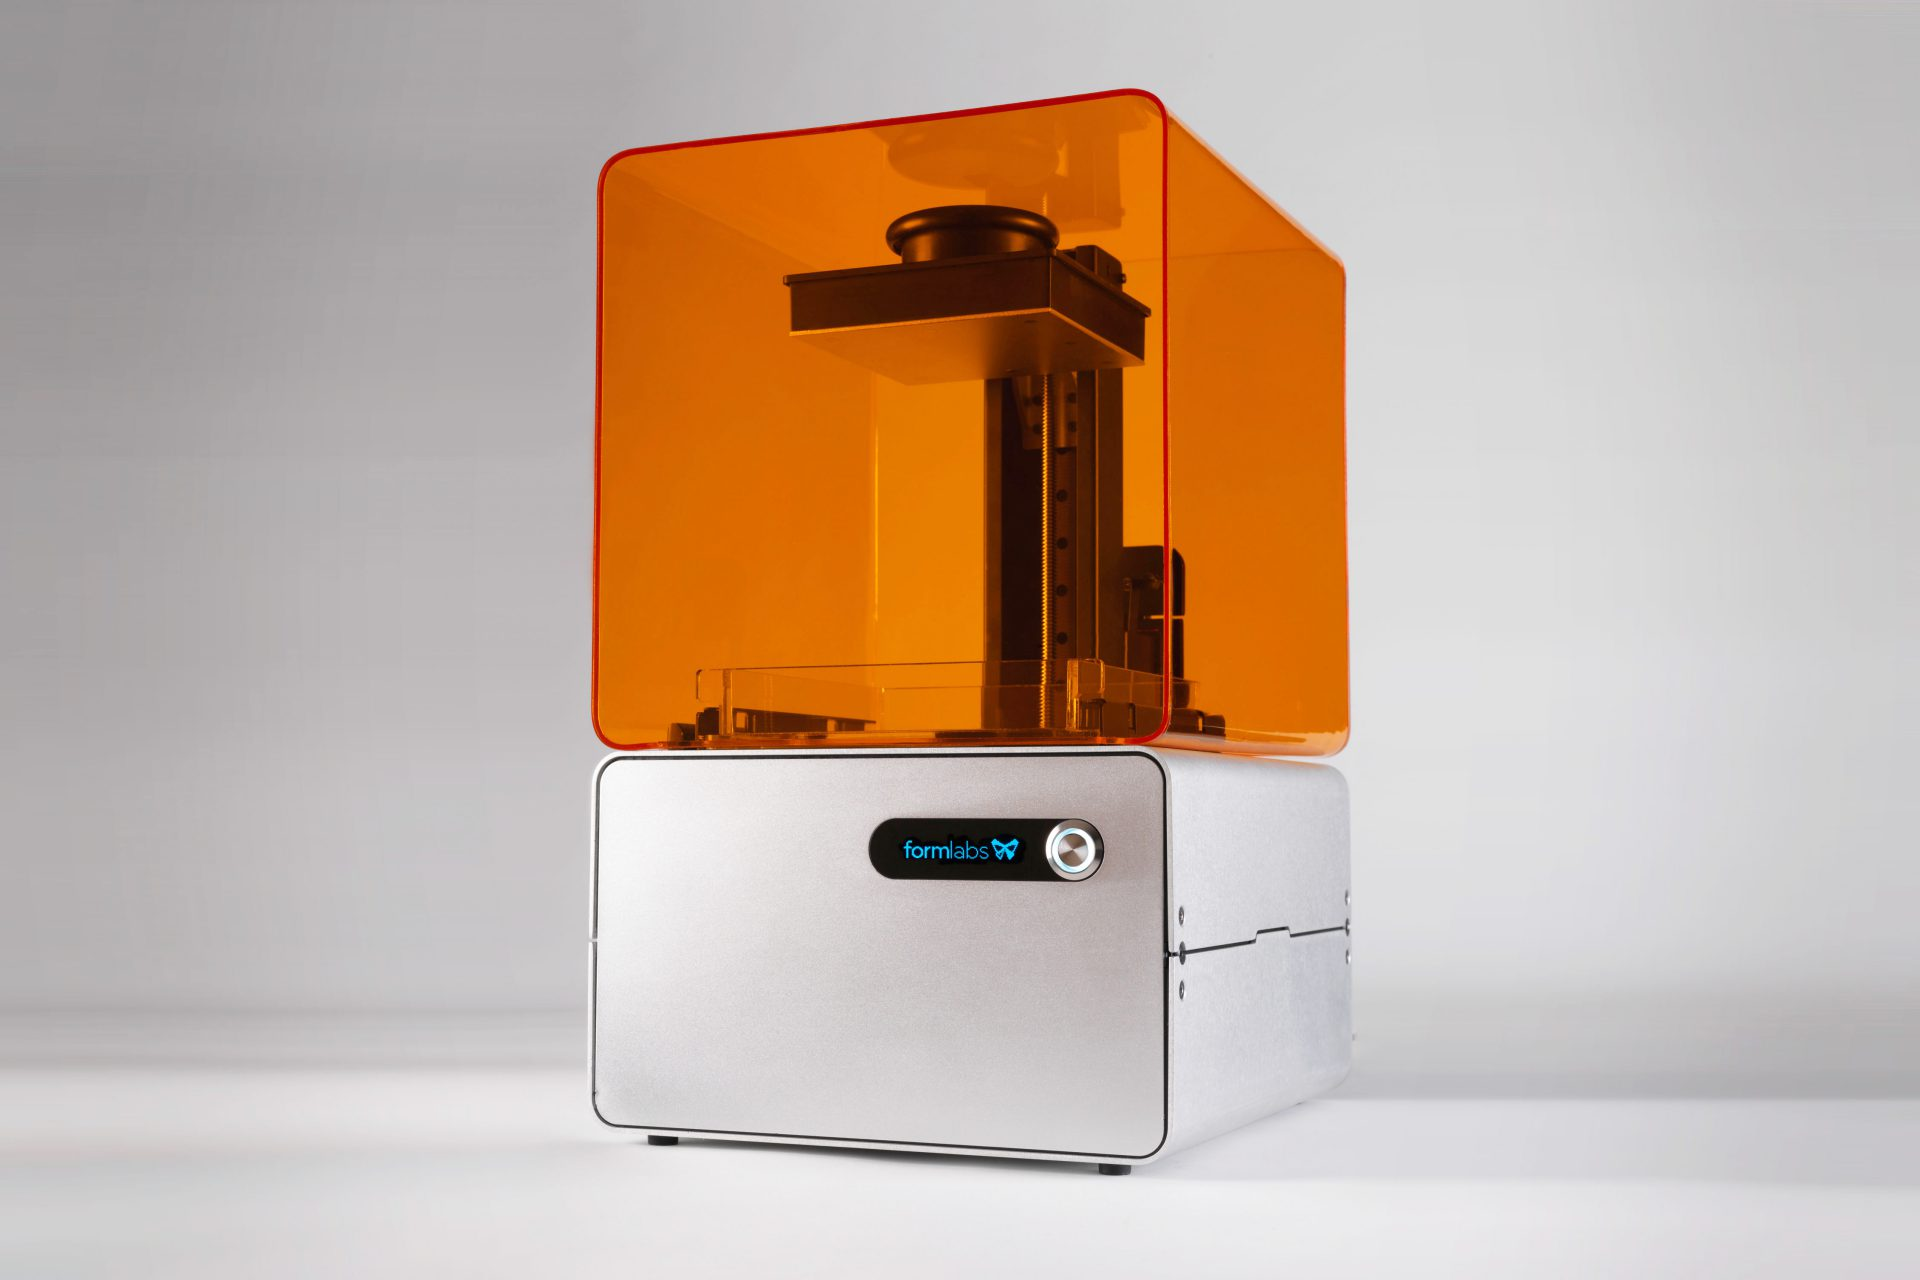 imprimante 3D Form 1+